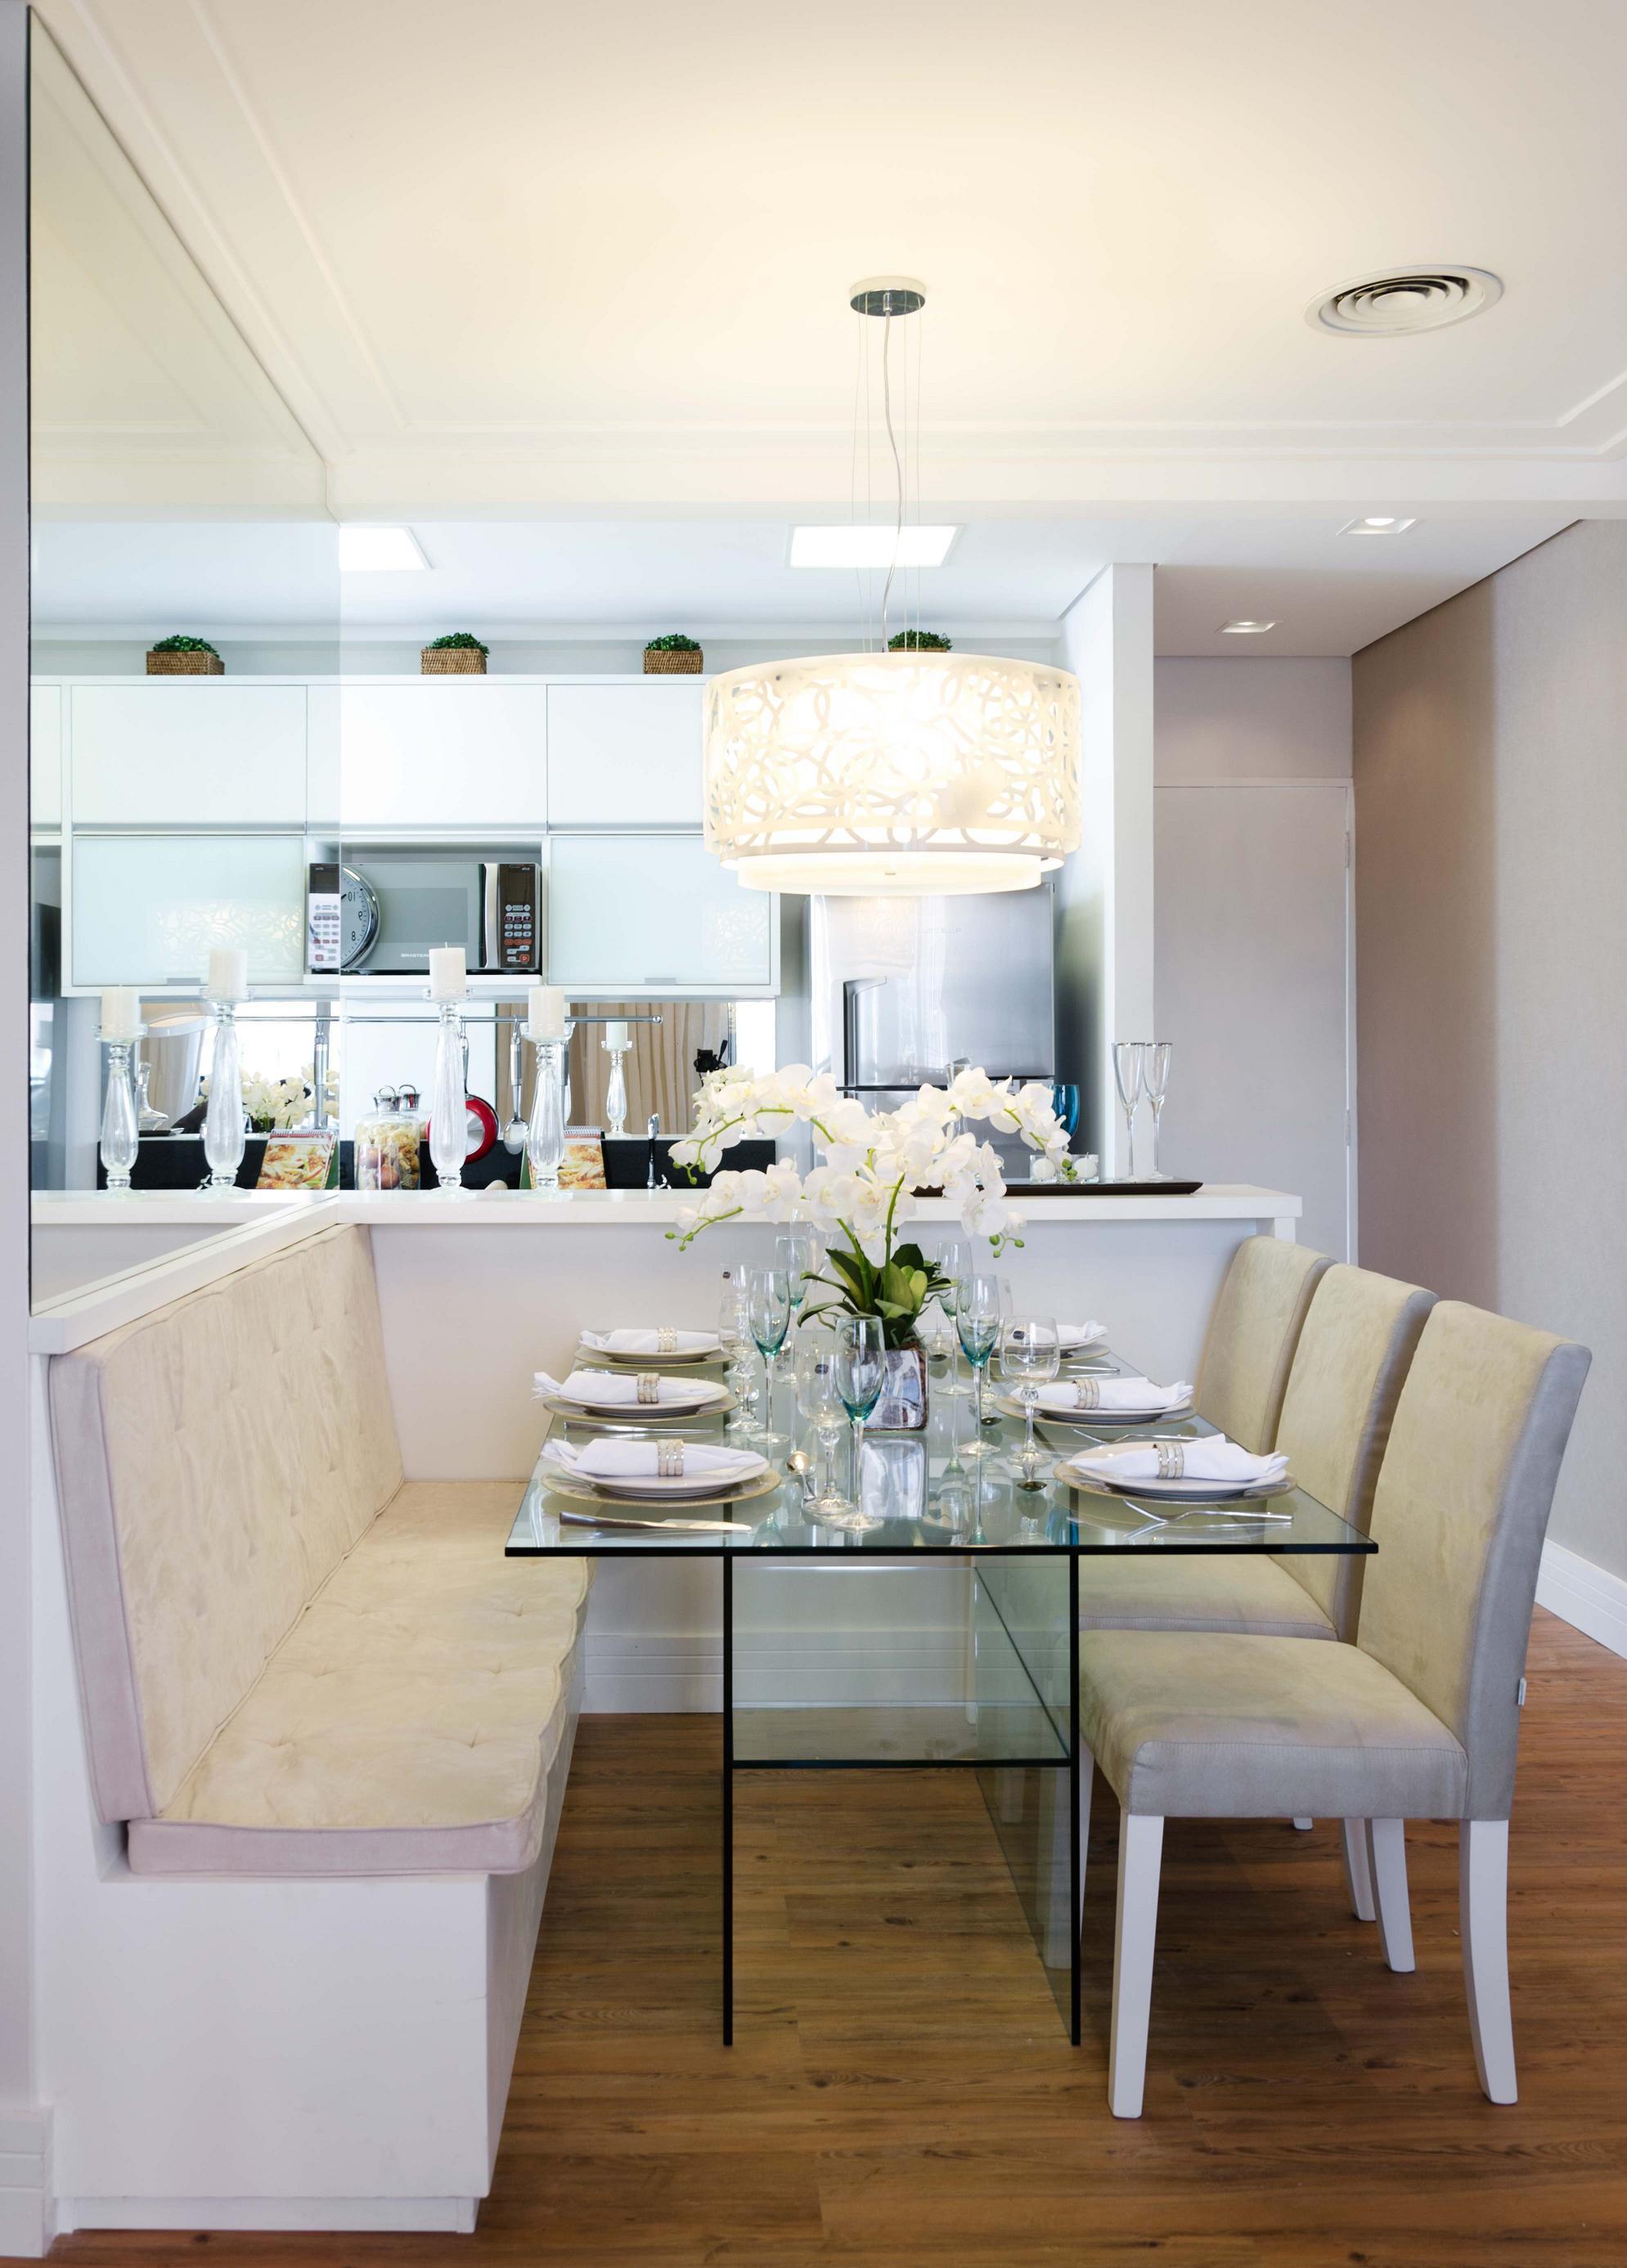 Além da cozinha branca, a sala de jantar complementa com elementos leves como o vidro e o espelho